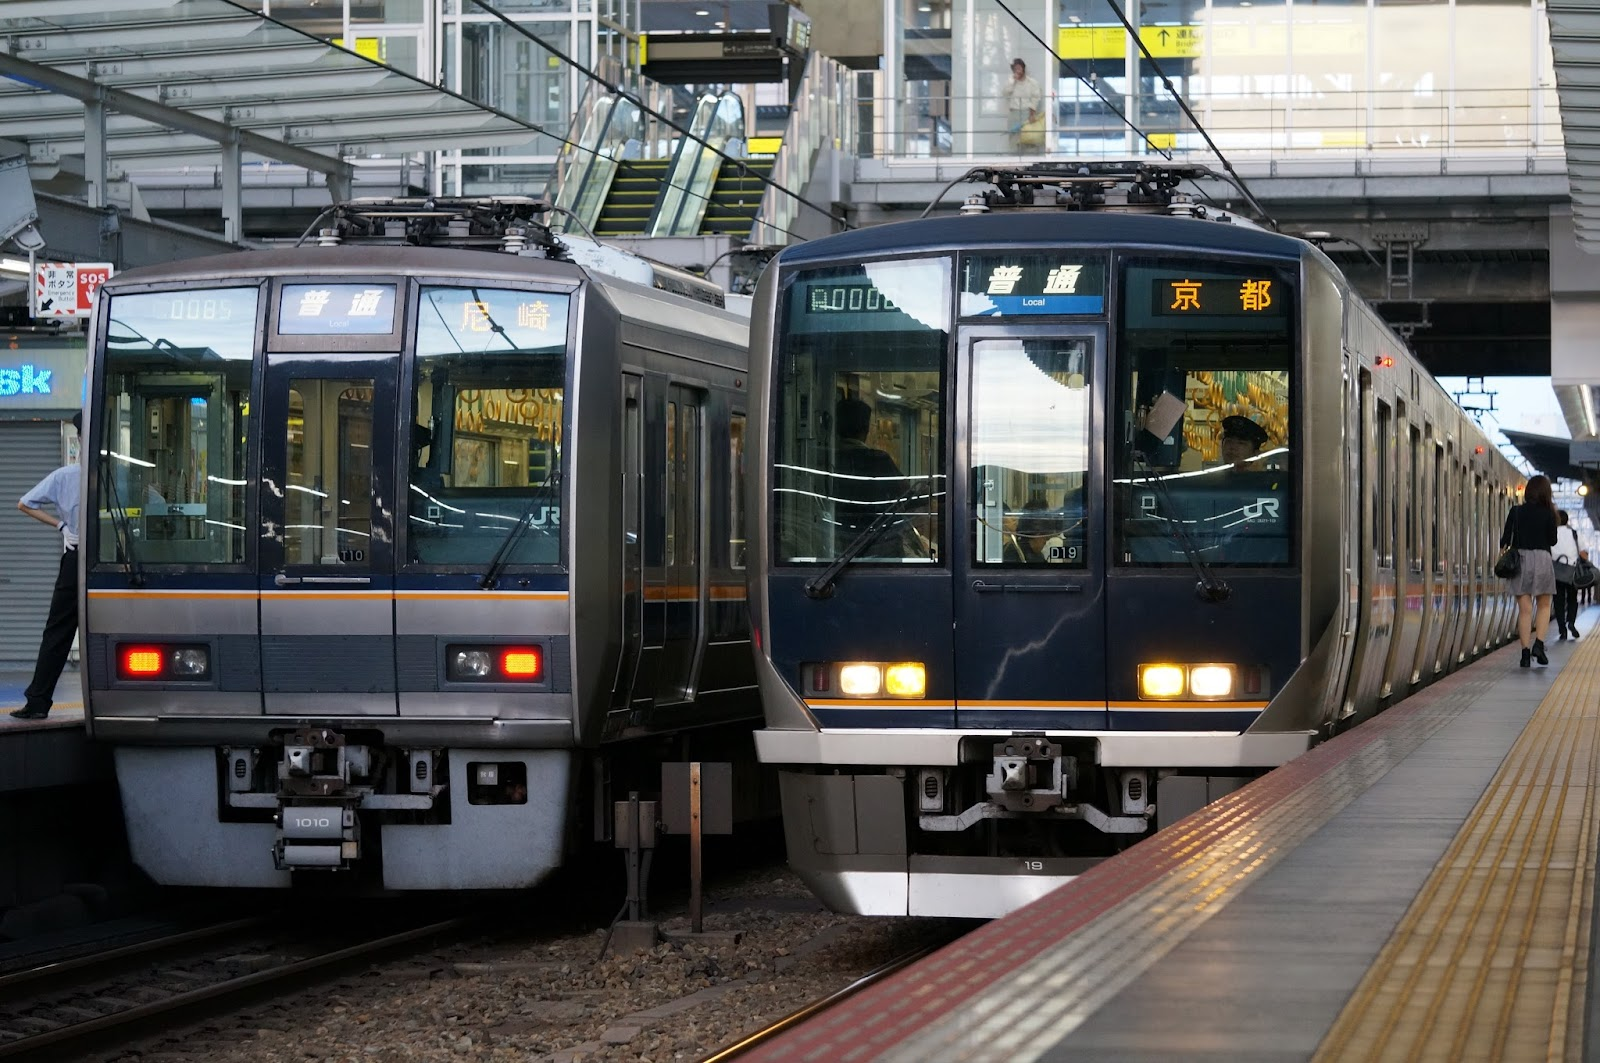 東海道線大阪駅停車中のJR西日本207系と321系